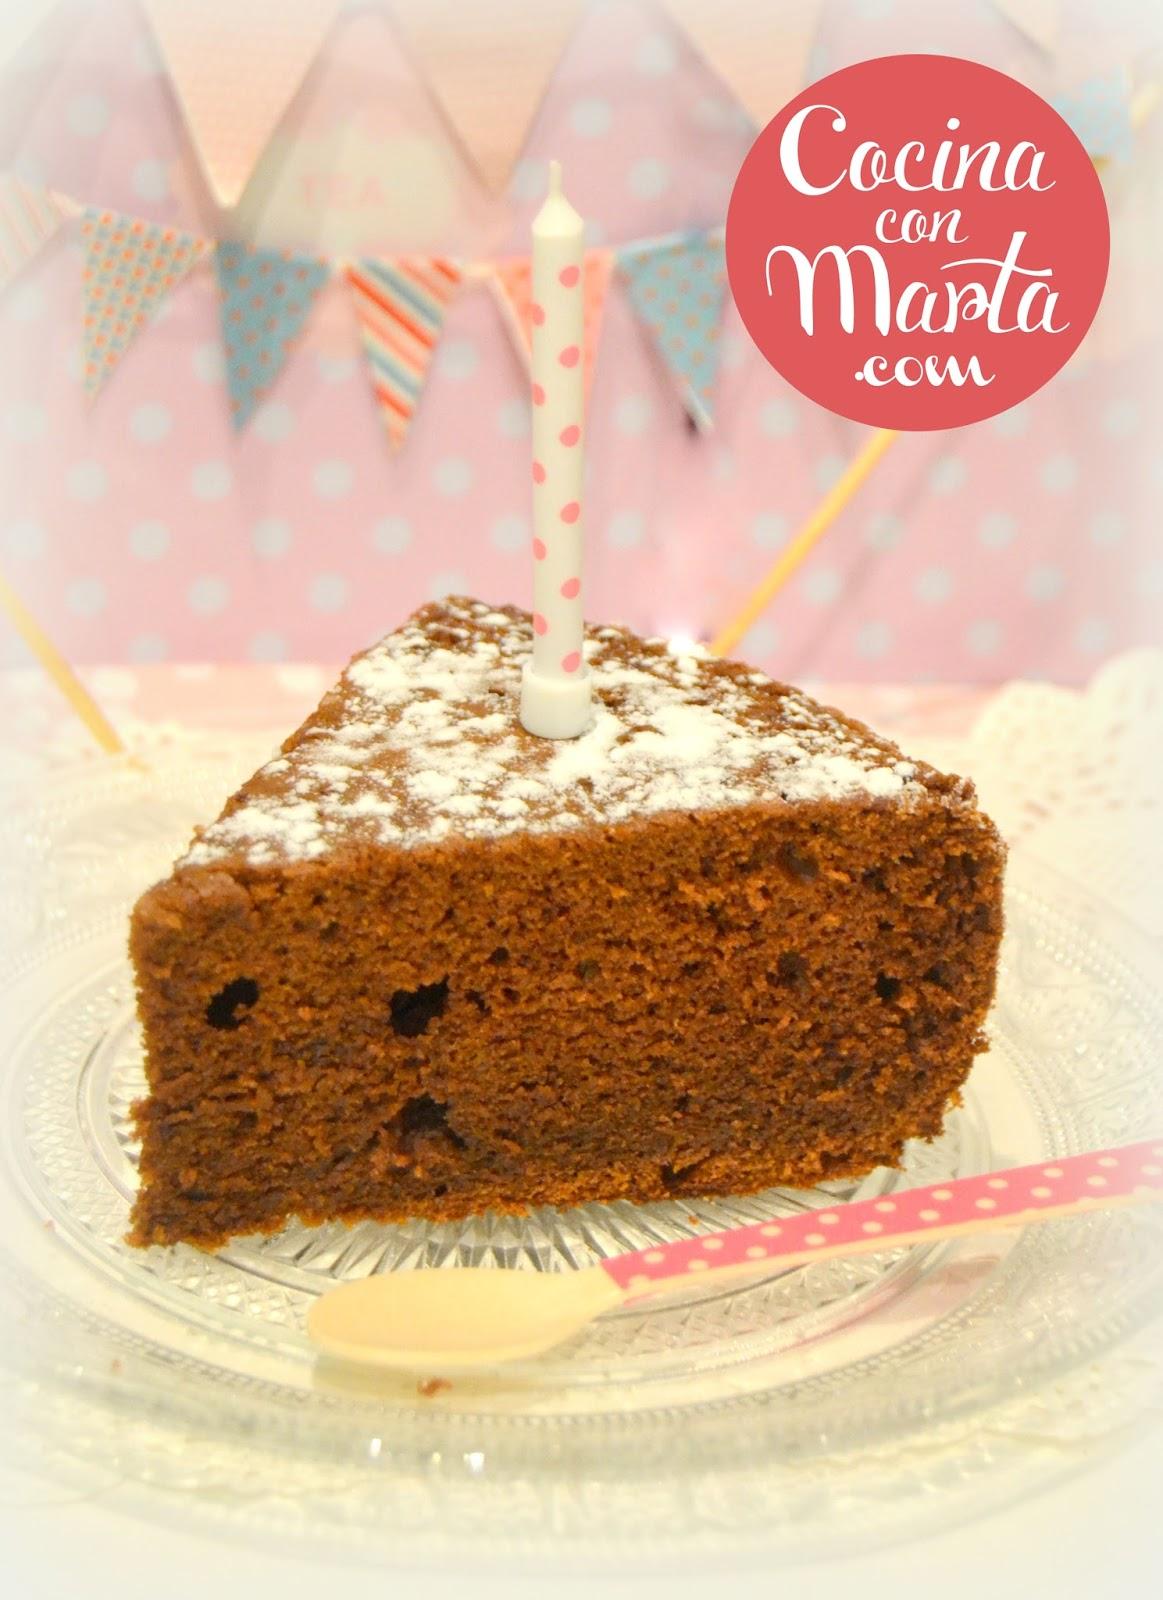 Receta hecha con olla GM, bizcocho de chocolate casero. Fácil, rápido y sencillo. Cocina con Marta.